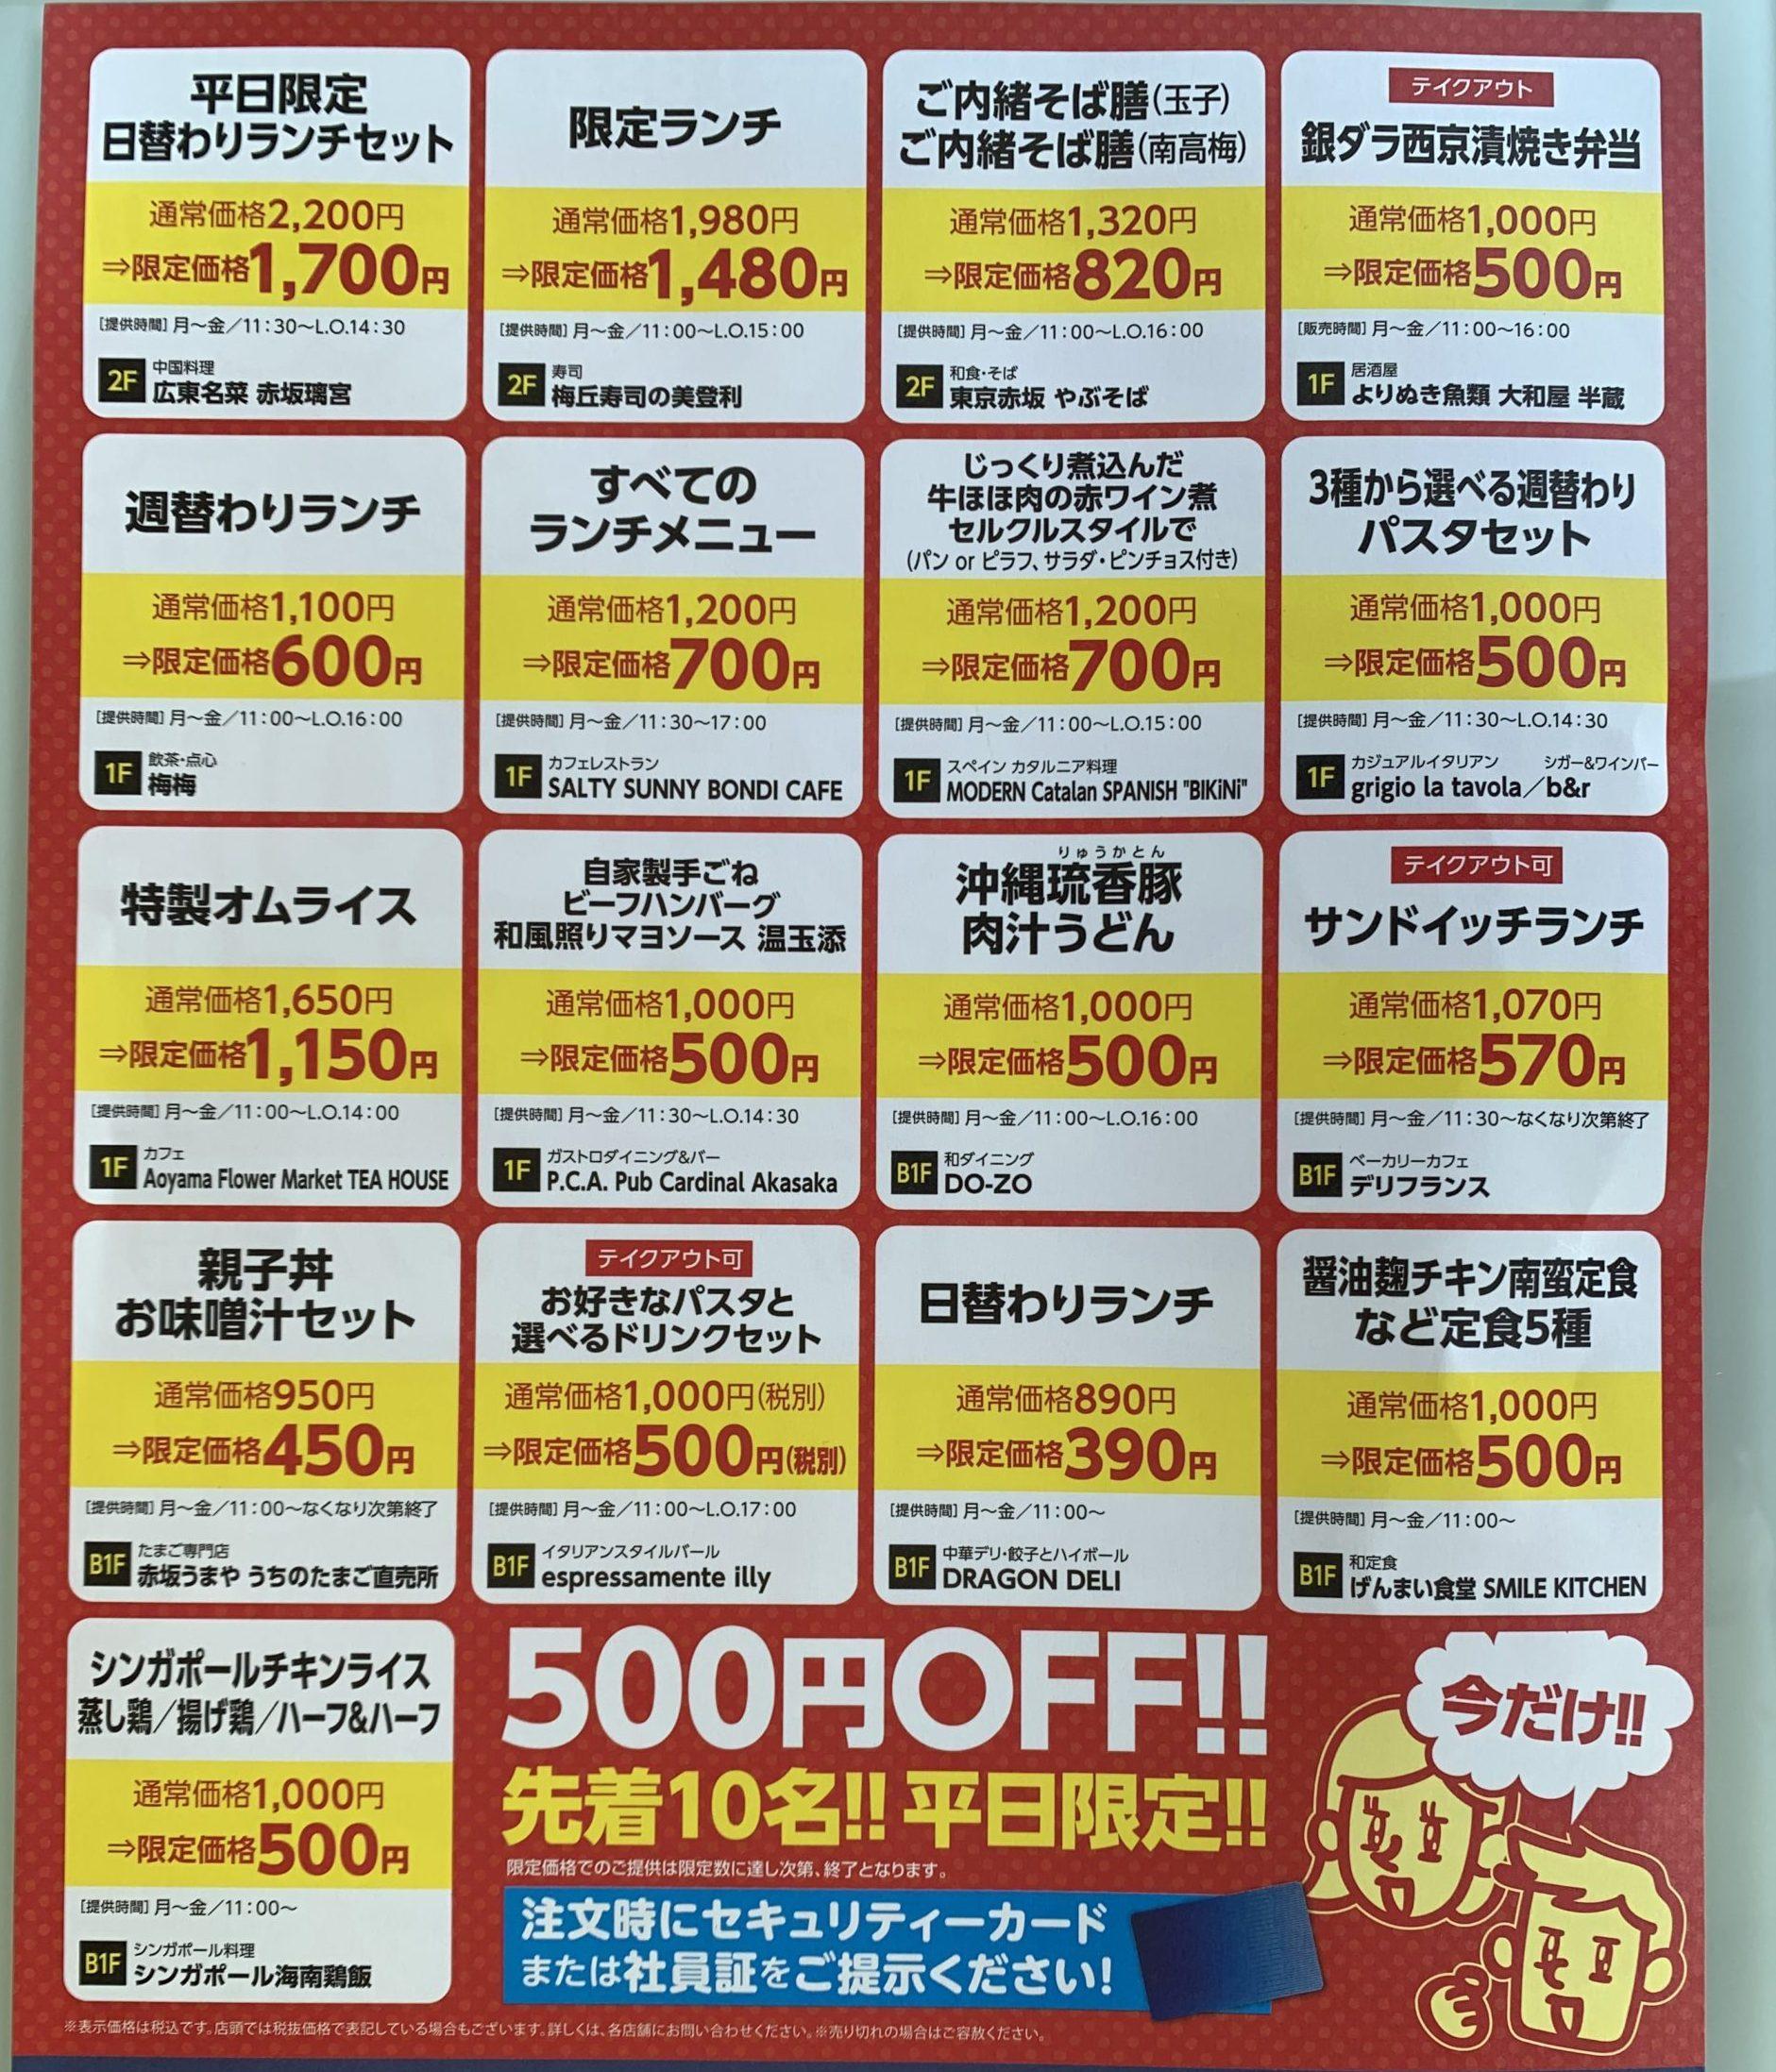 ランチ500円OFF